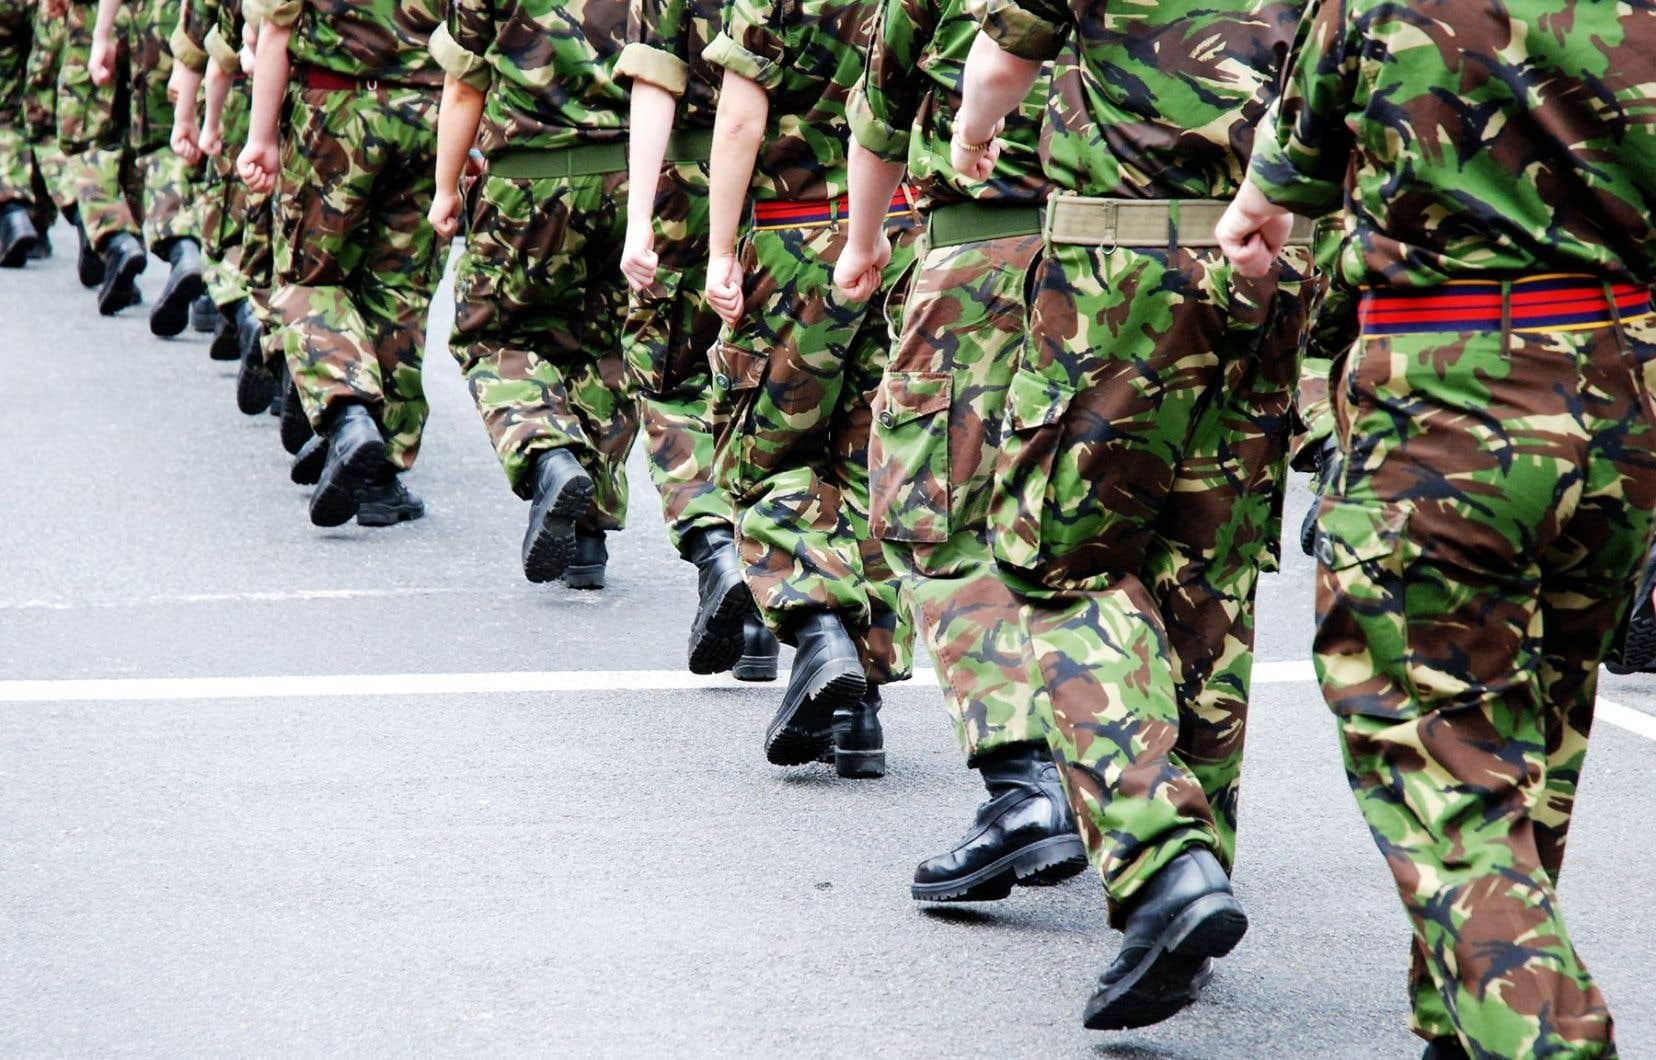 Les femmes occupent déjà de nombreux postes dans l'armée britannique, mais elles ne pouvaient pas combattre directement avec l'infanterie.